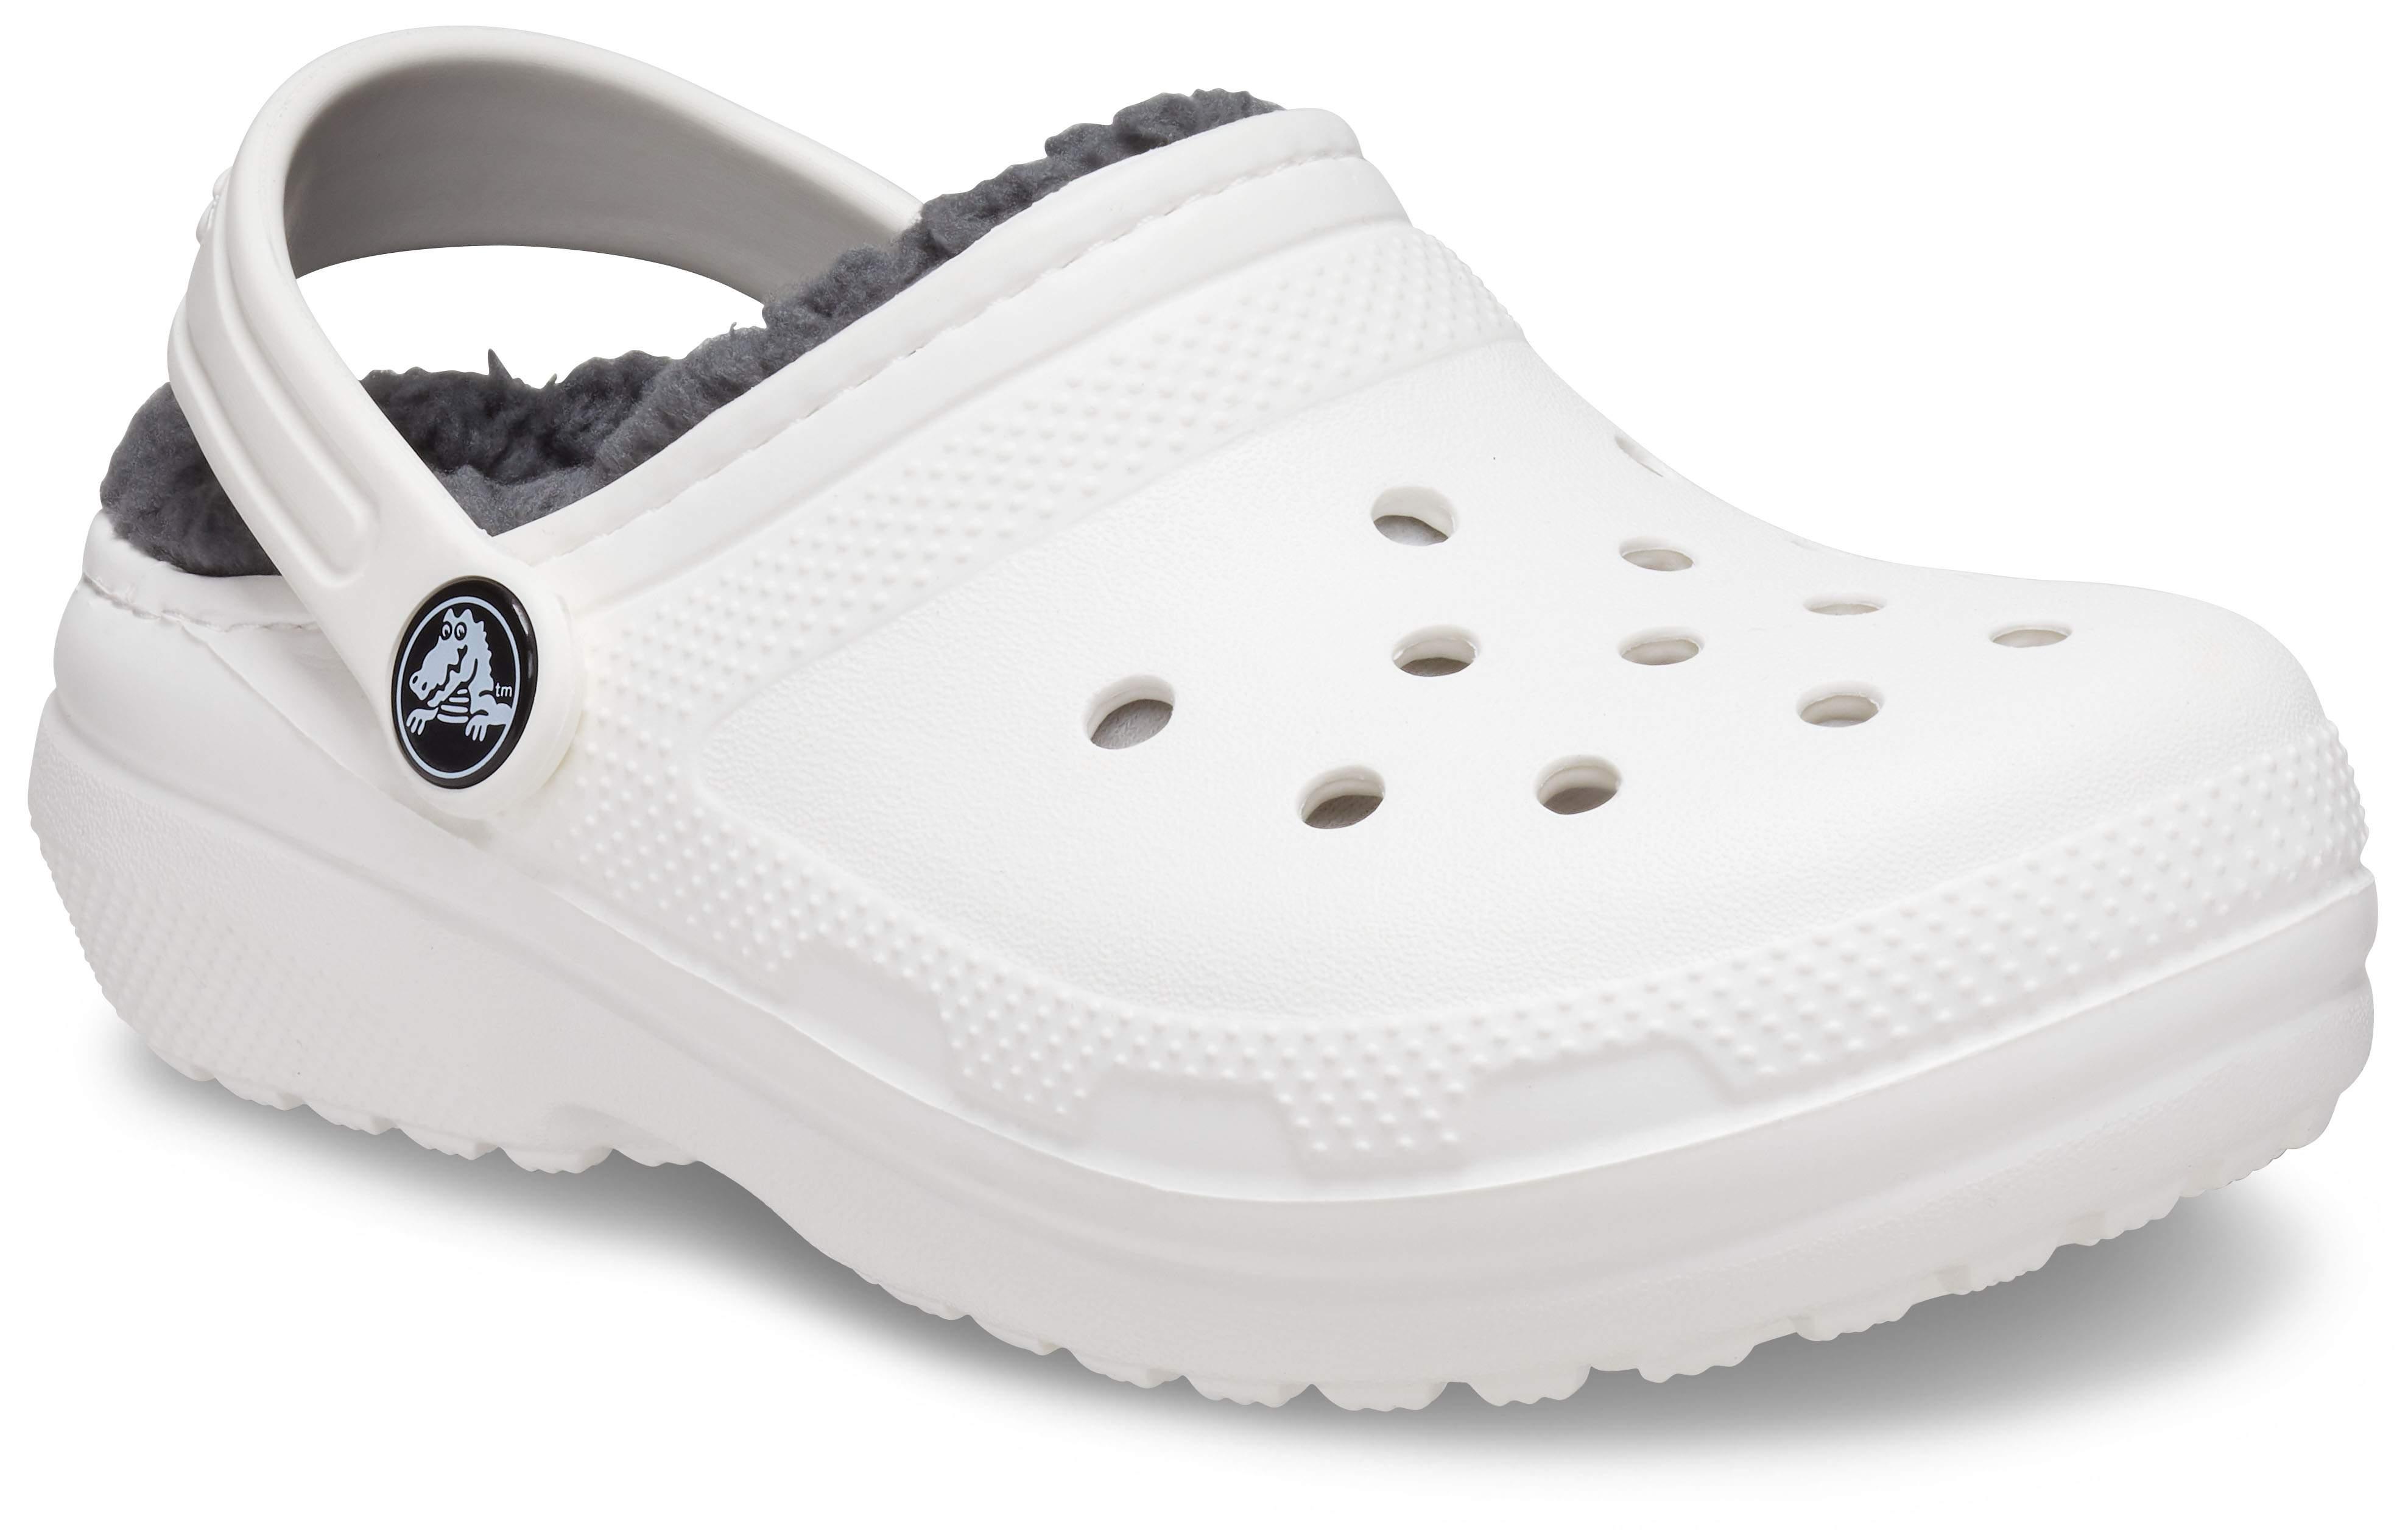 Slate Grey 2 M US Little Kid Crocs Kids Classic Clog